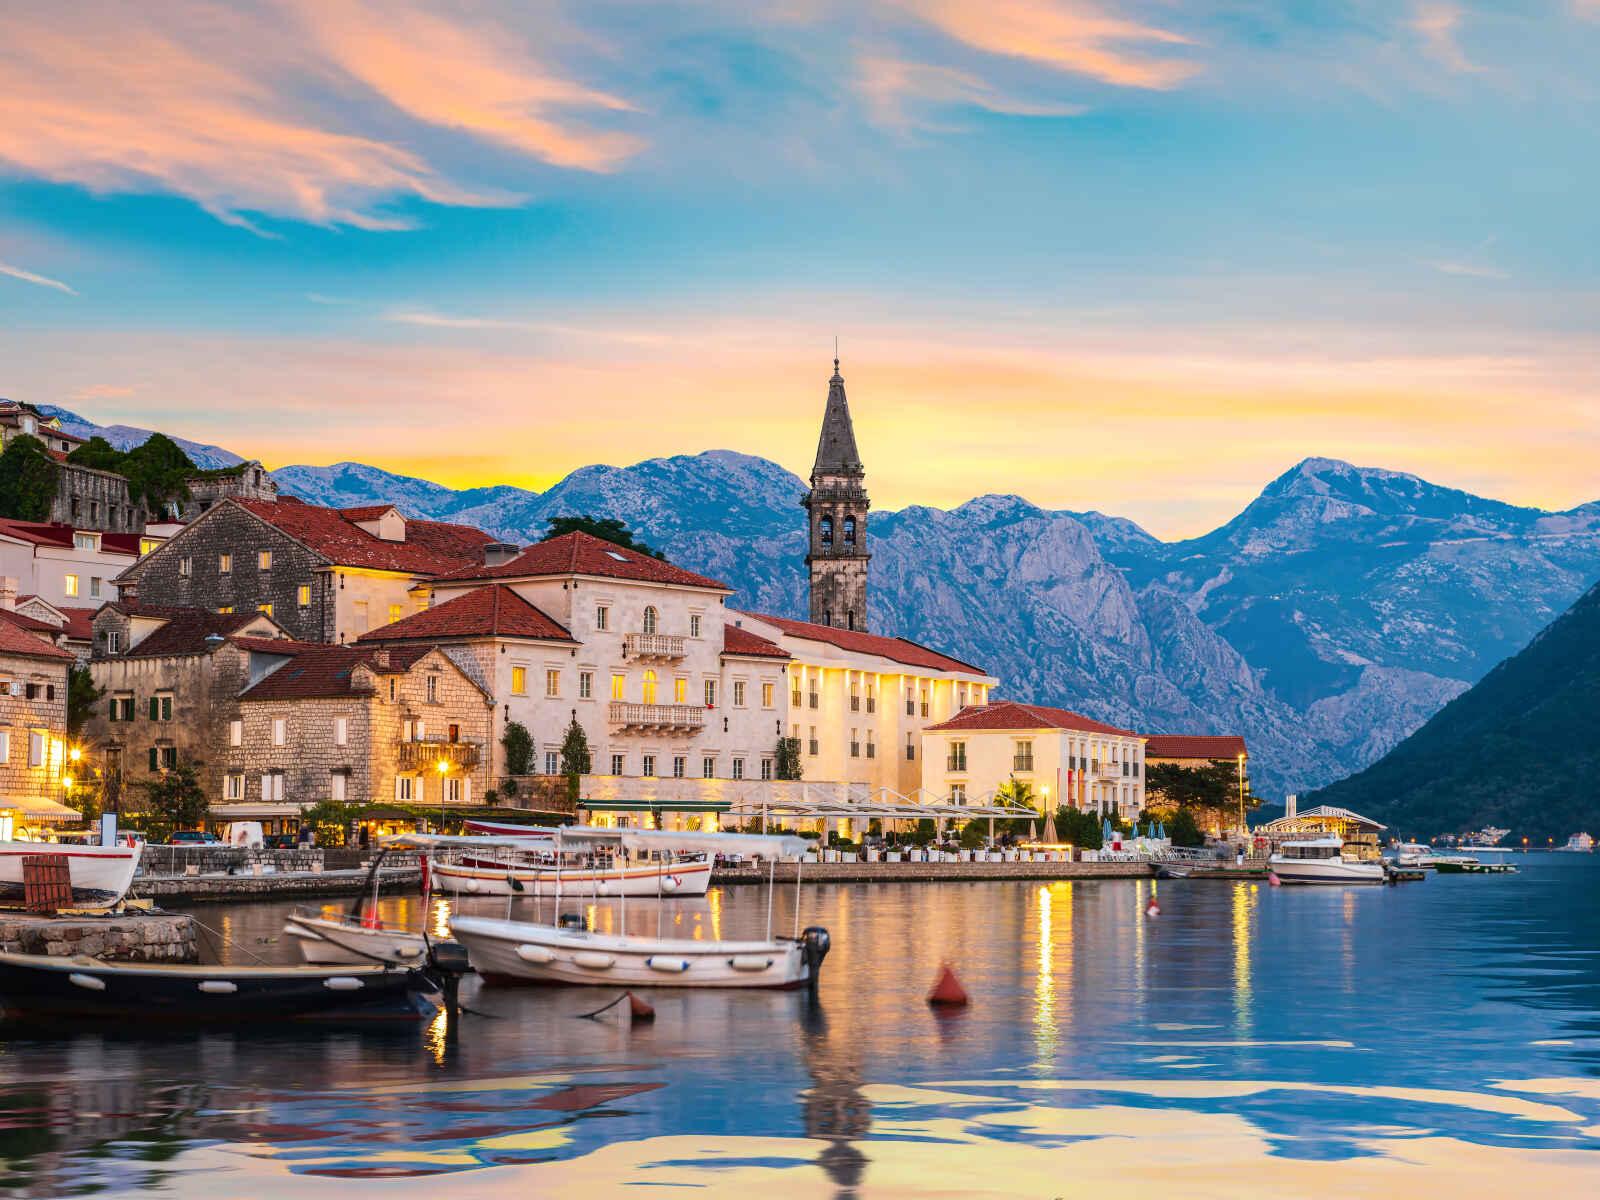 Croatie : La côte dalmate